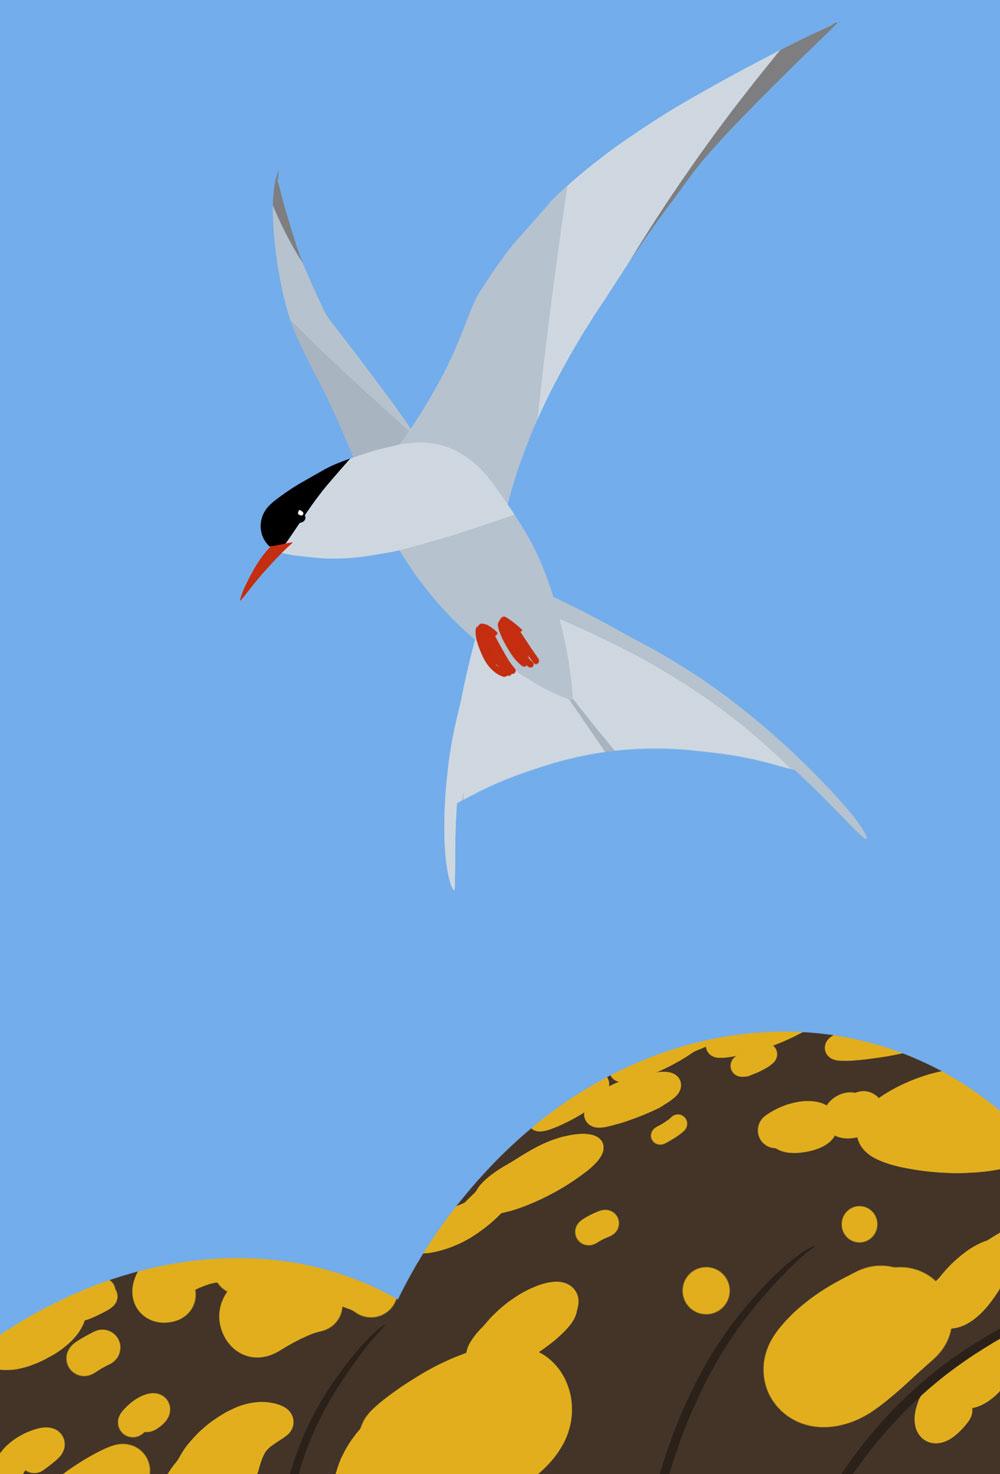 Leicht abstrakte, grafische Darstellung einer Küstenseeschwalbe